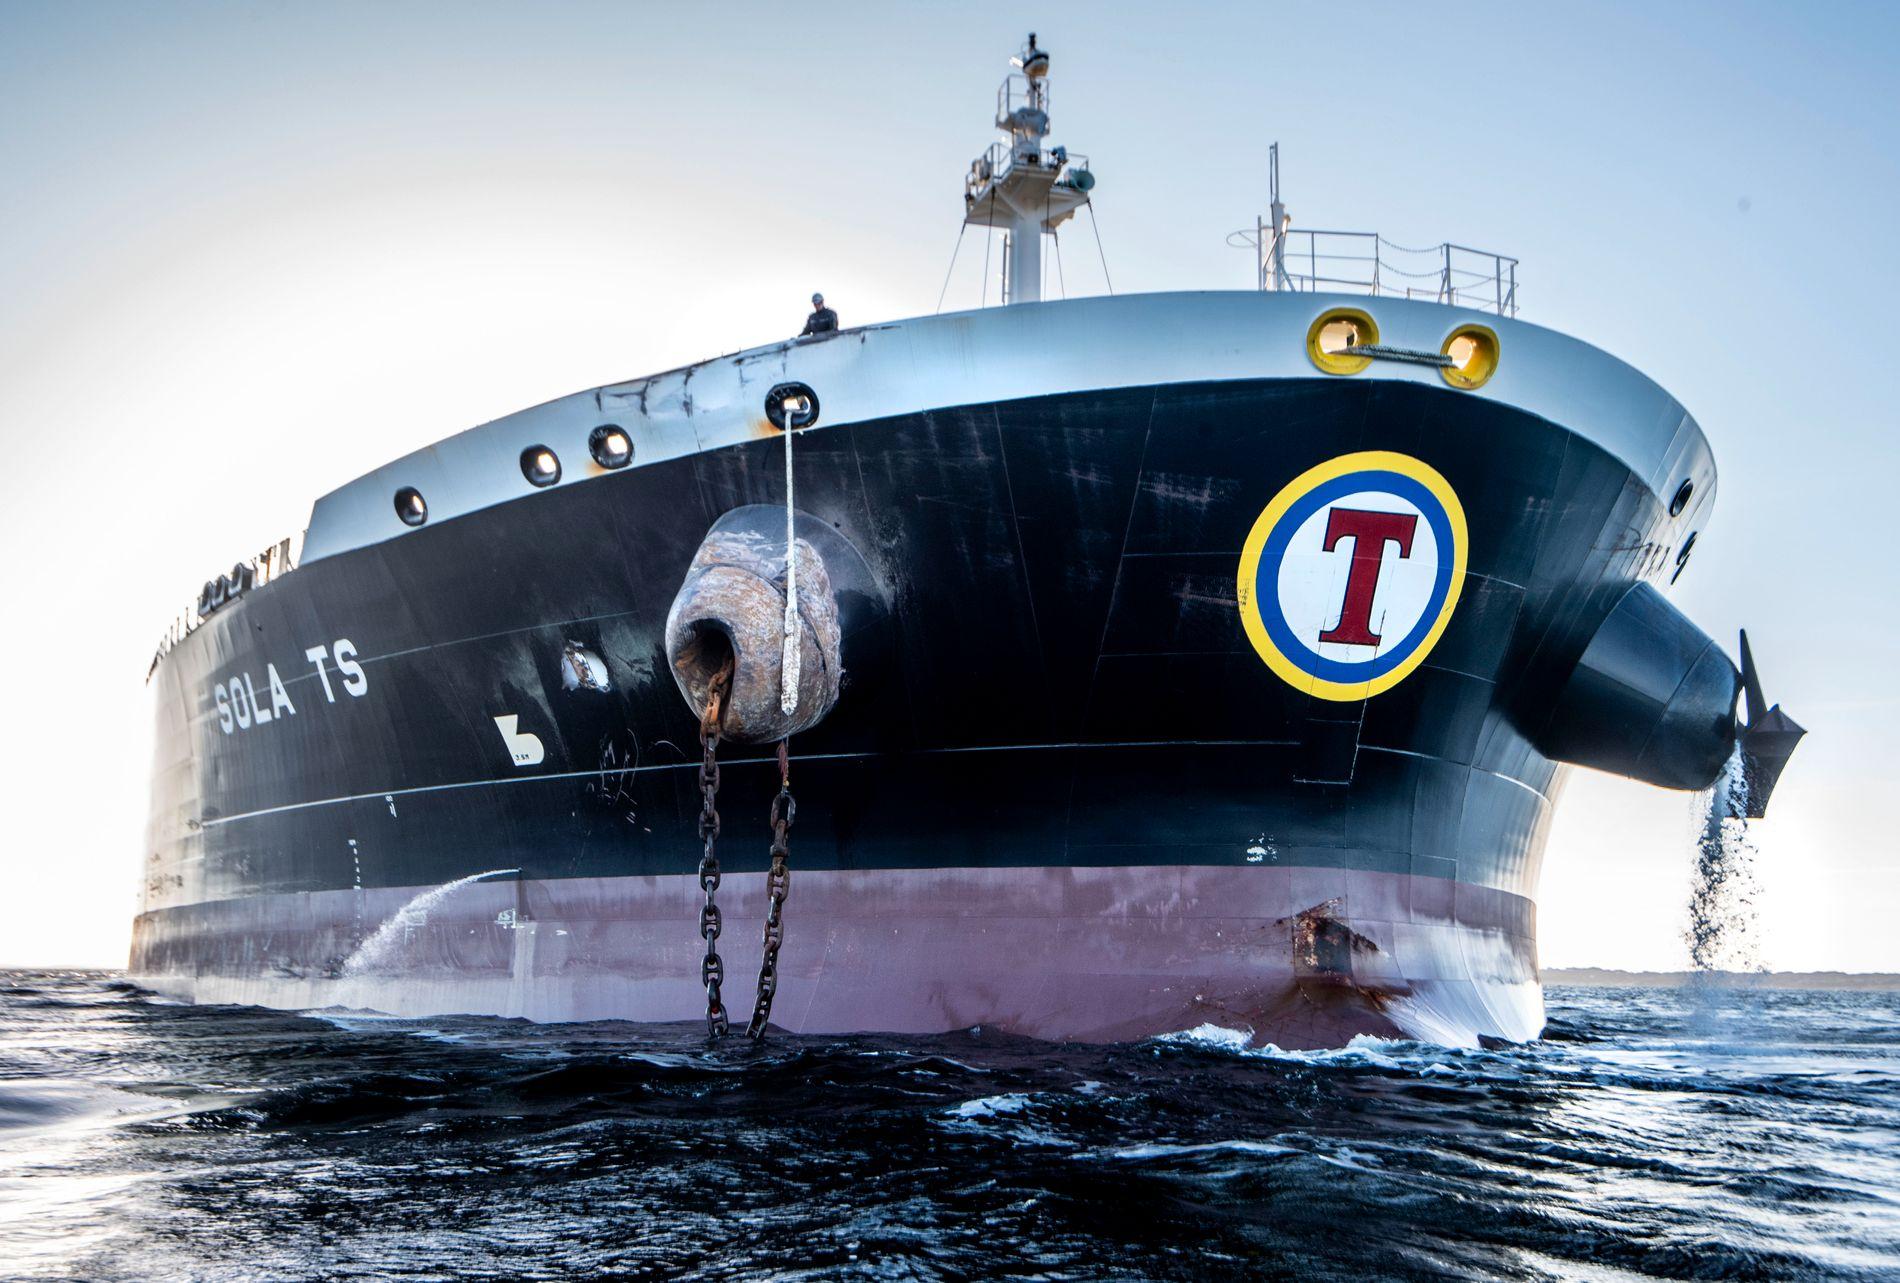 HULL: Tankskipet «Sola TS» har tydelige skader på ankerklysset på styrbord side (venstre side på bildet) og et hull i skutesiden like bak, etter sammenstøtet med KNM «Helge Ingstad».